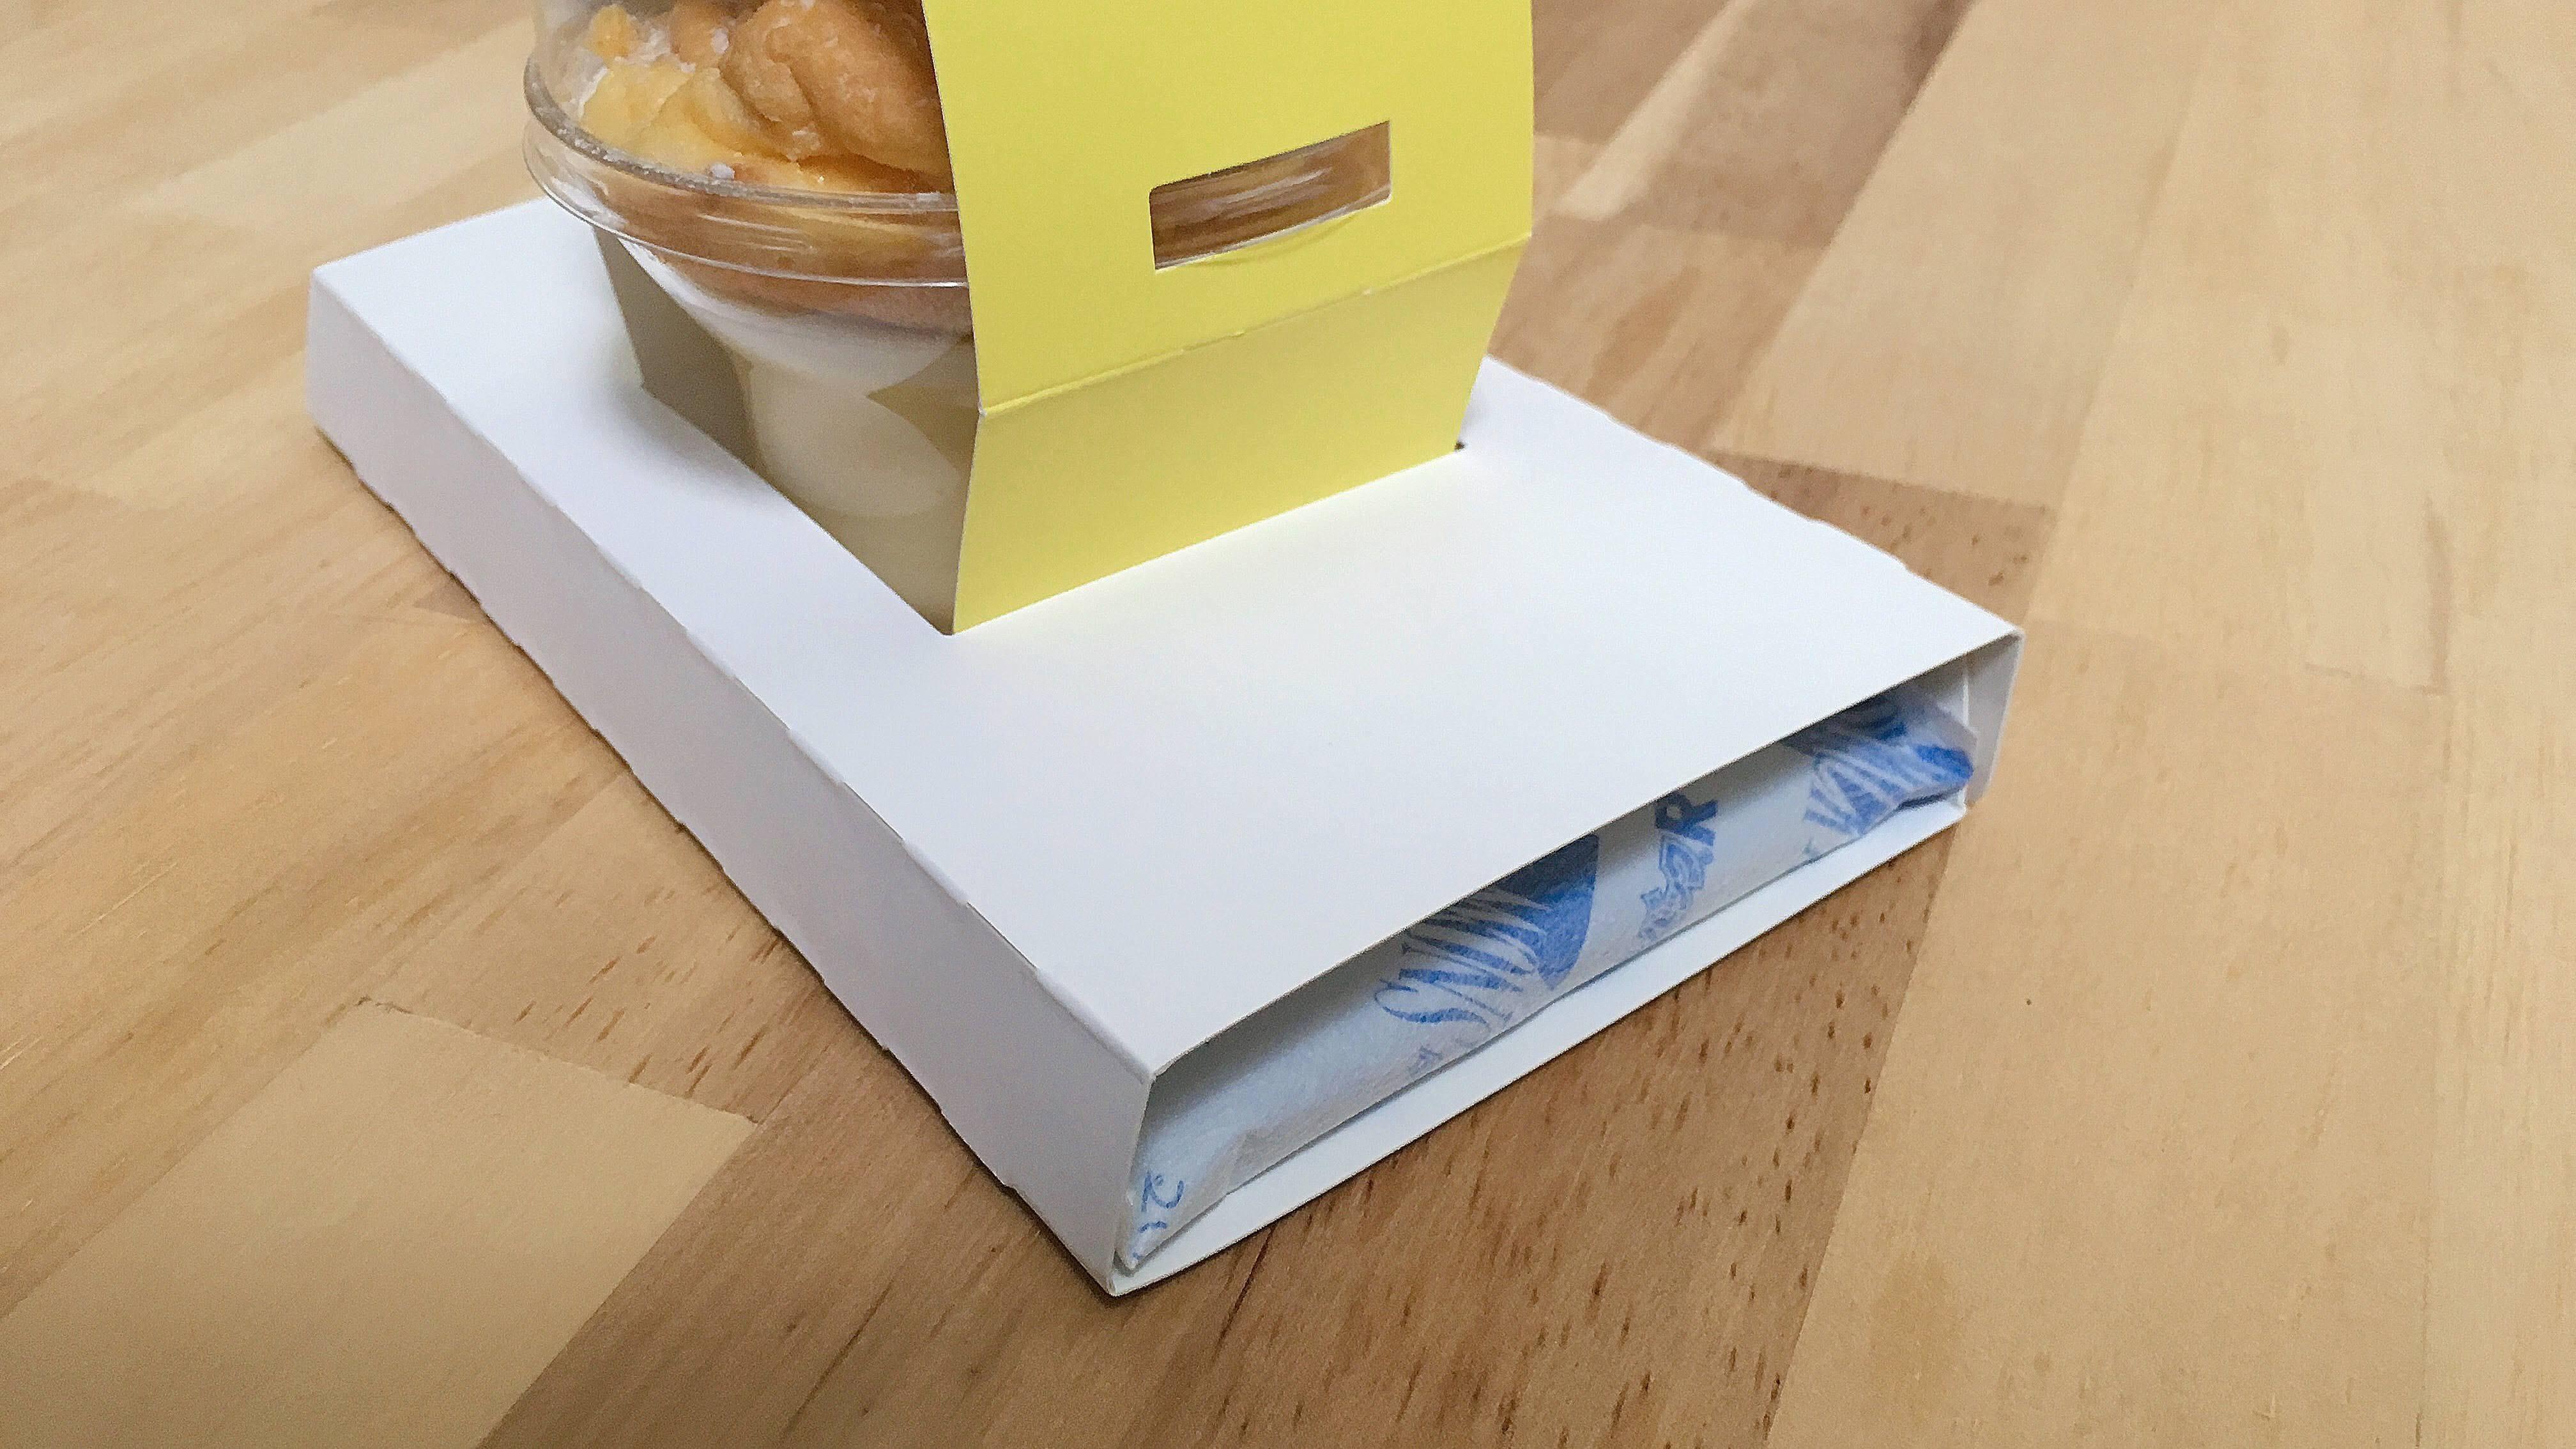 フリッパーズスタンドの奇跡のスフレパンケーキプリンのパッケージ